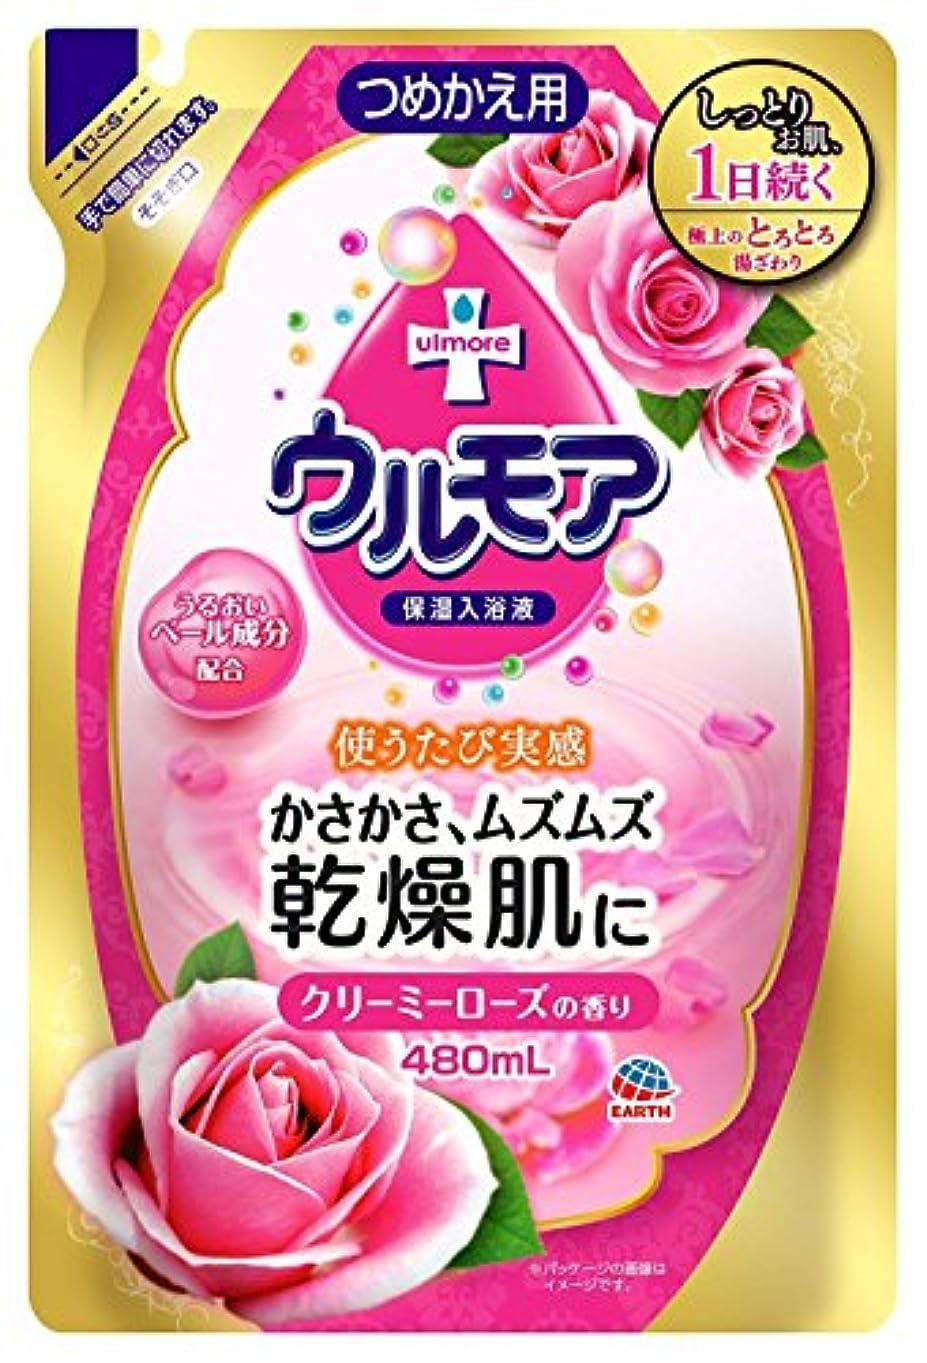 役に立つ推定たっぷり【アース製薬】保湿入浴液ウルモアクリーミーローズの香り 詰替え用 480ml ×3個セット